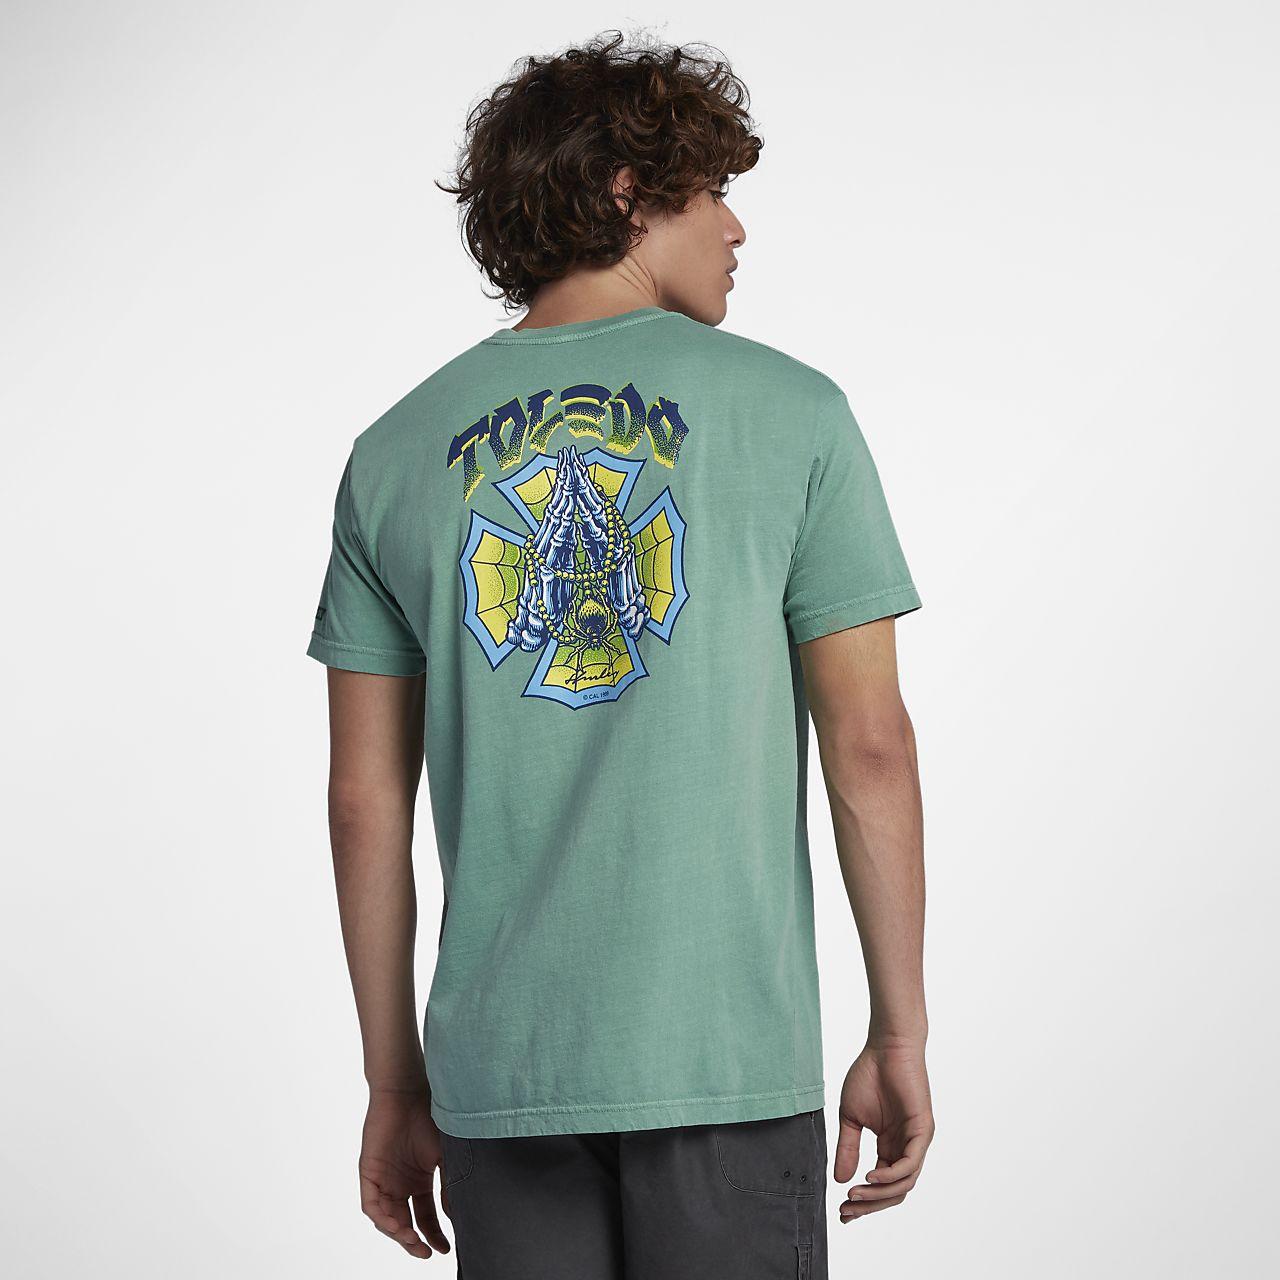 Hurley Team Toledo Men's T-Shirt